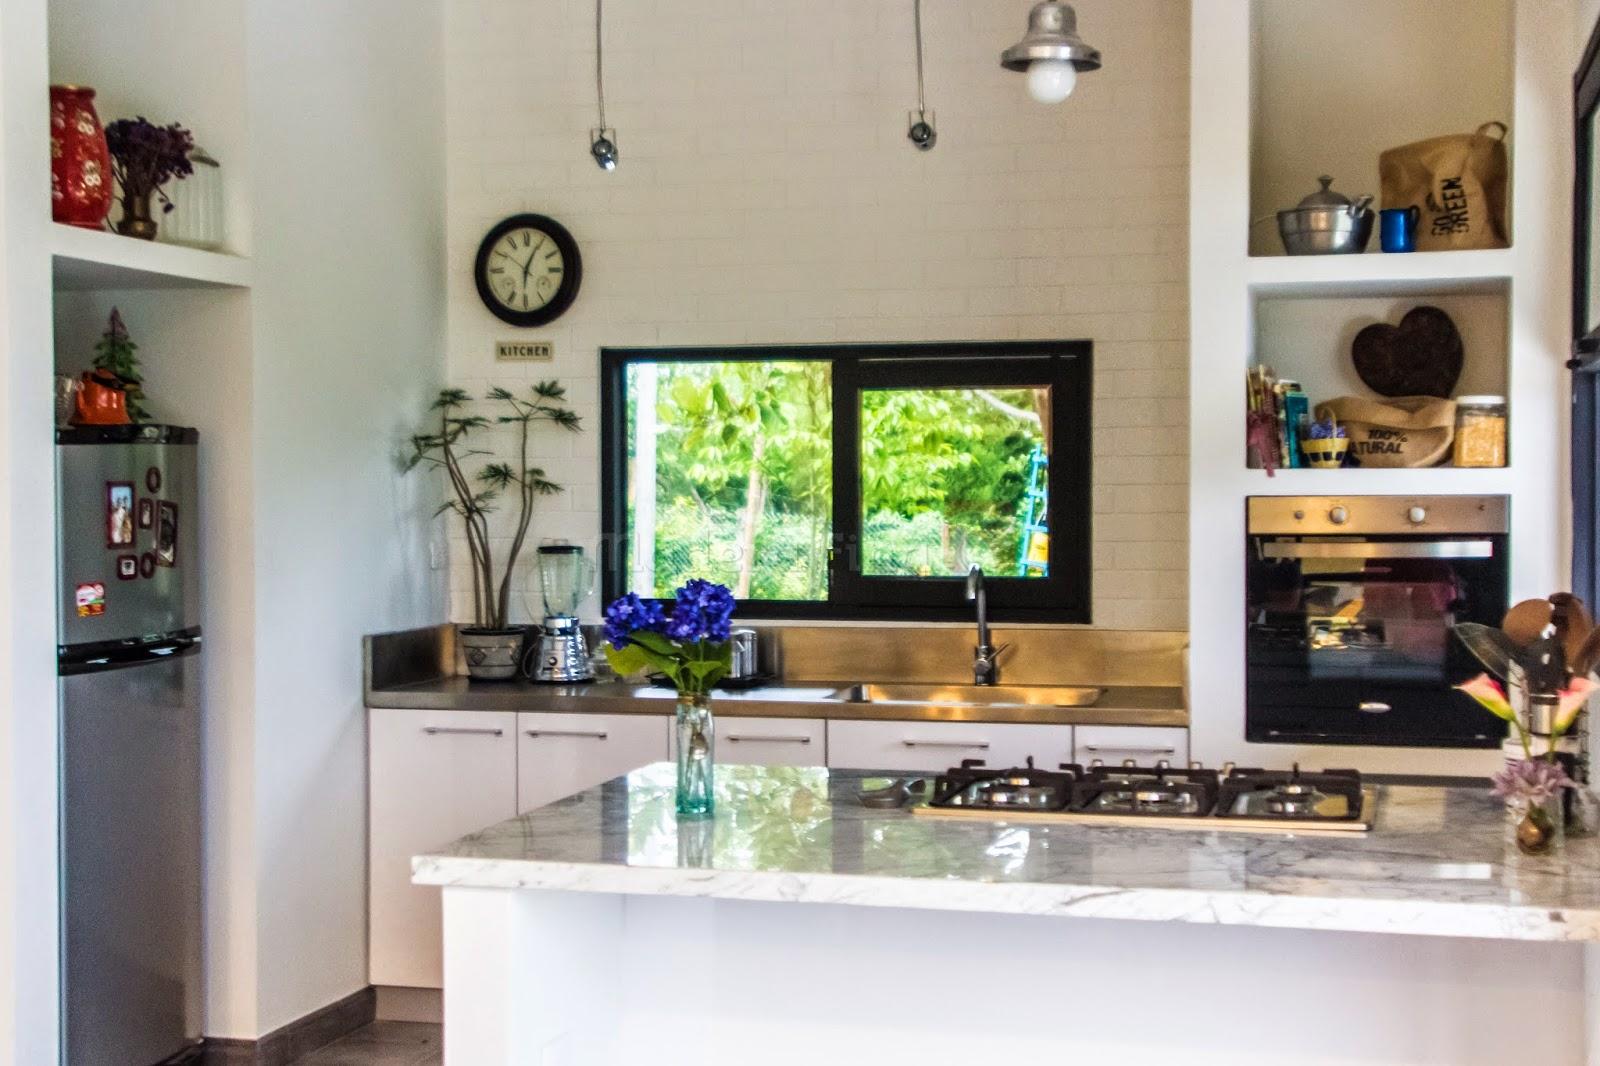 Cocina moderna blanca cocinas integrales en pereira for Cocina moderna gastronomia